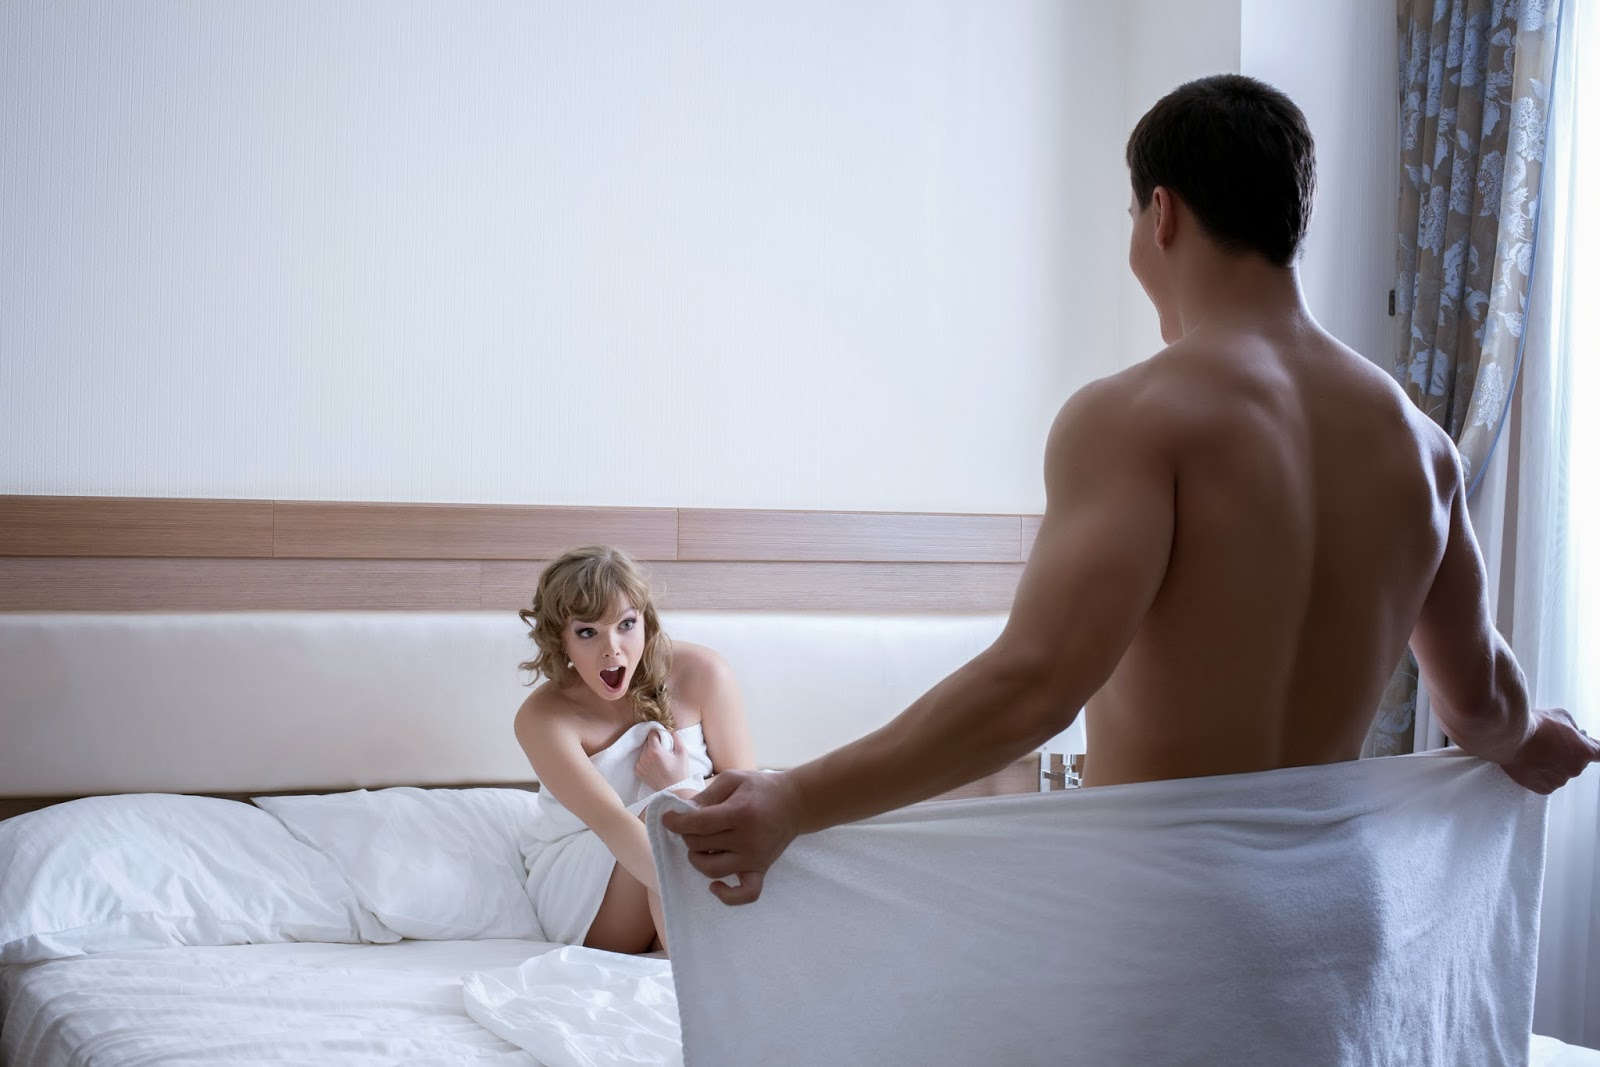 vegyél egy péniszes pólót hogyan lehet gyorsan visszaállítani az erekciót